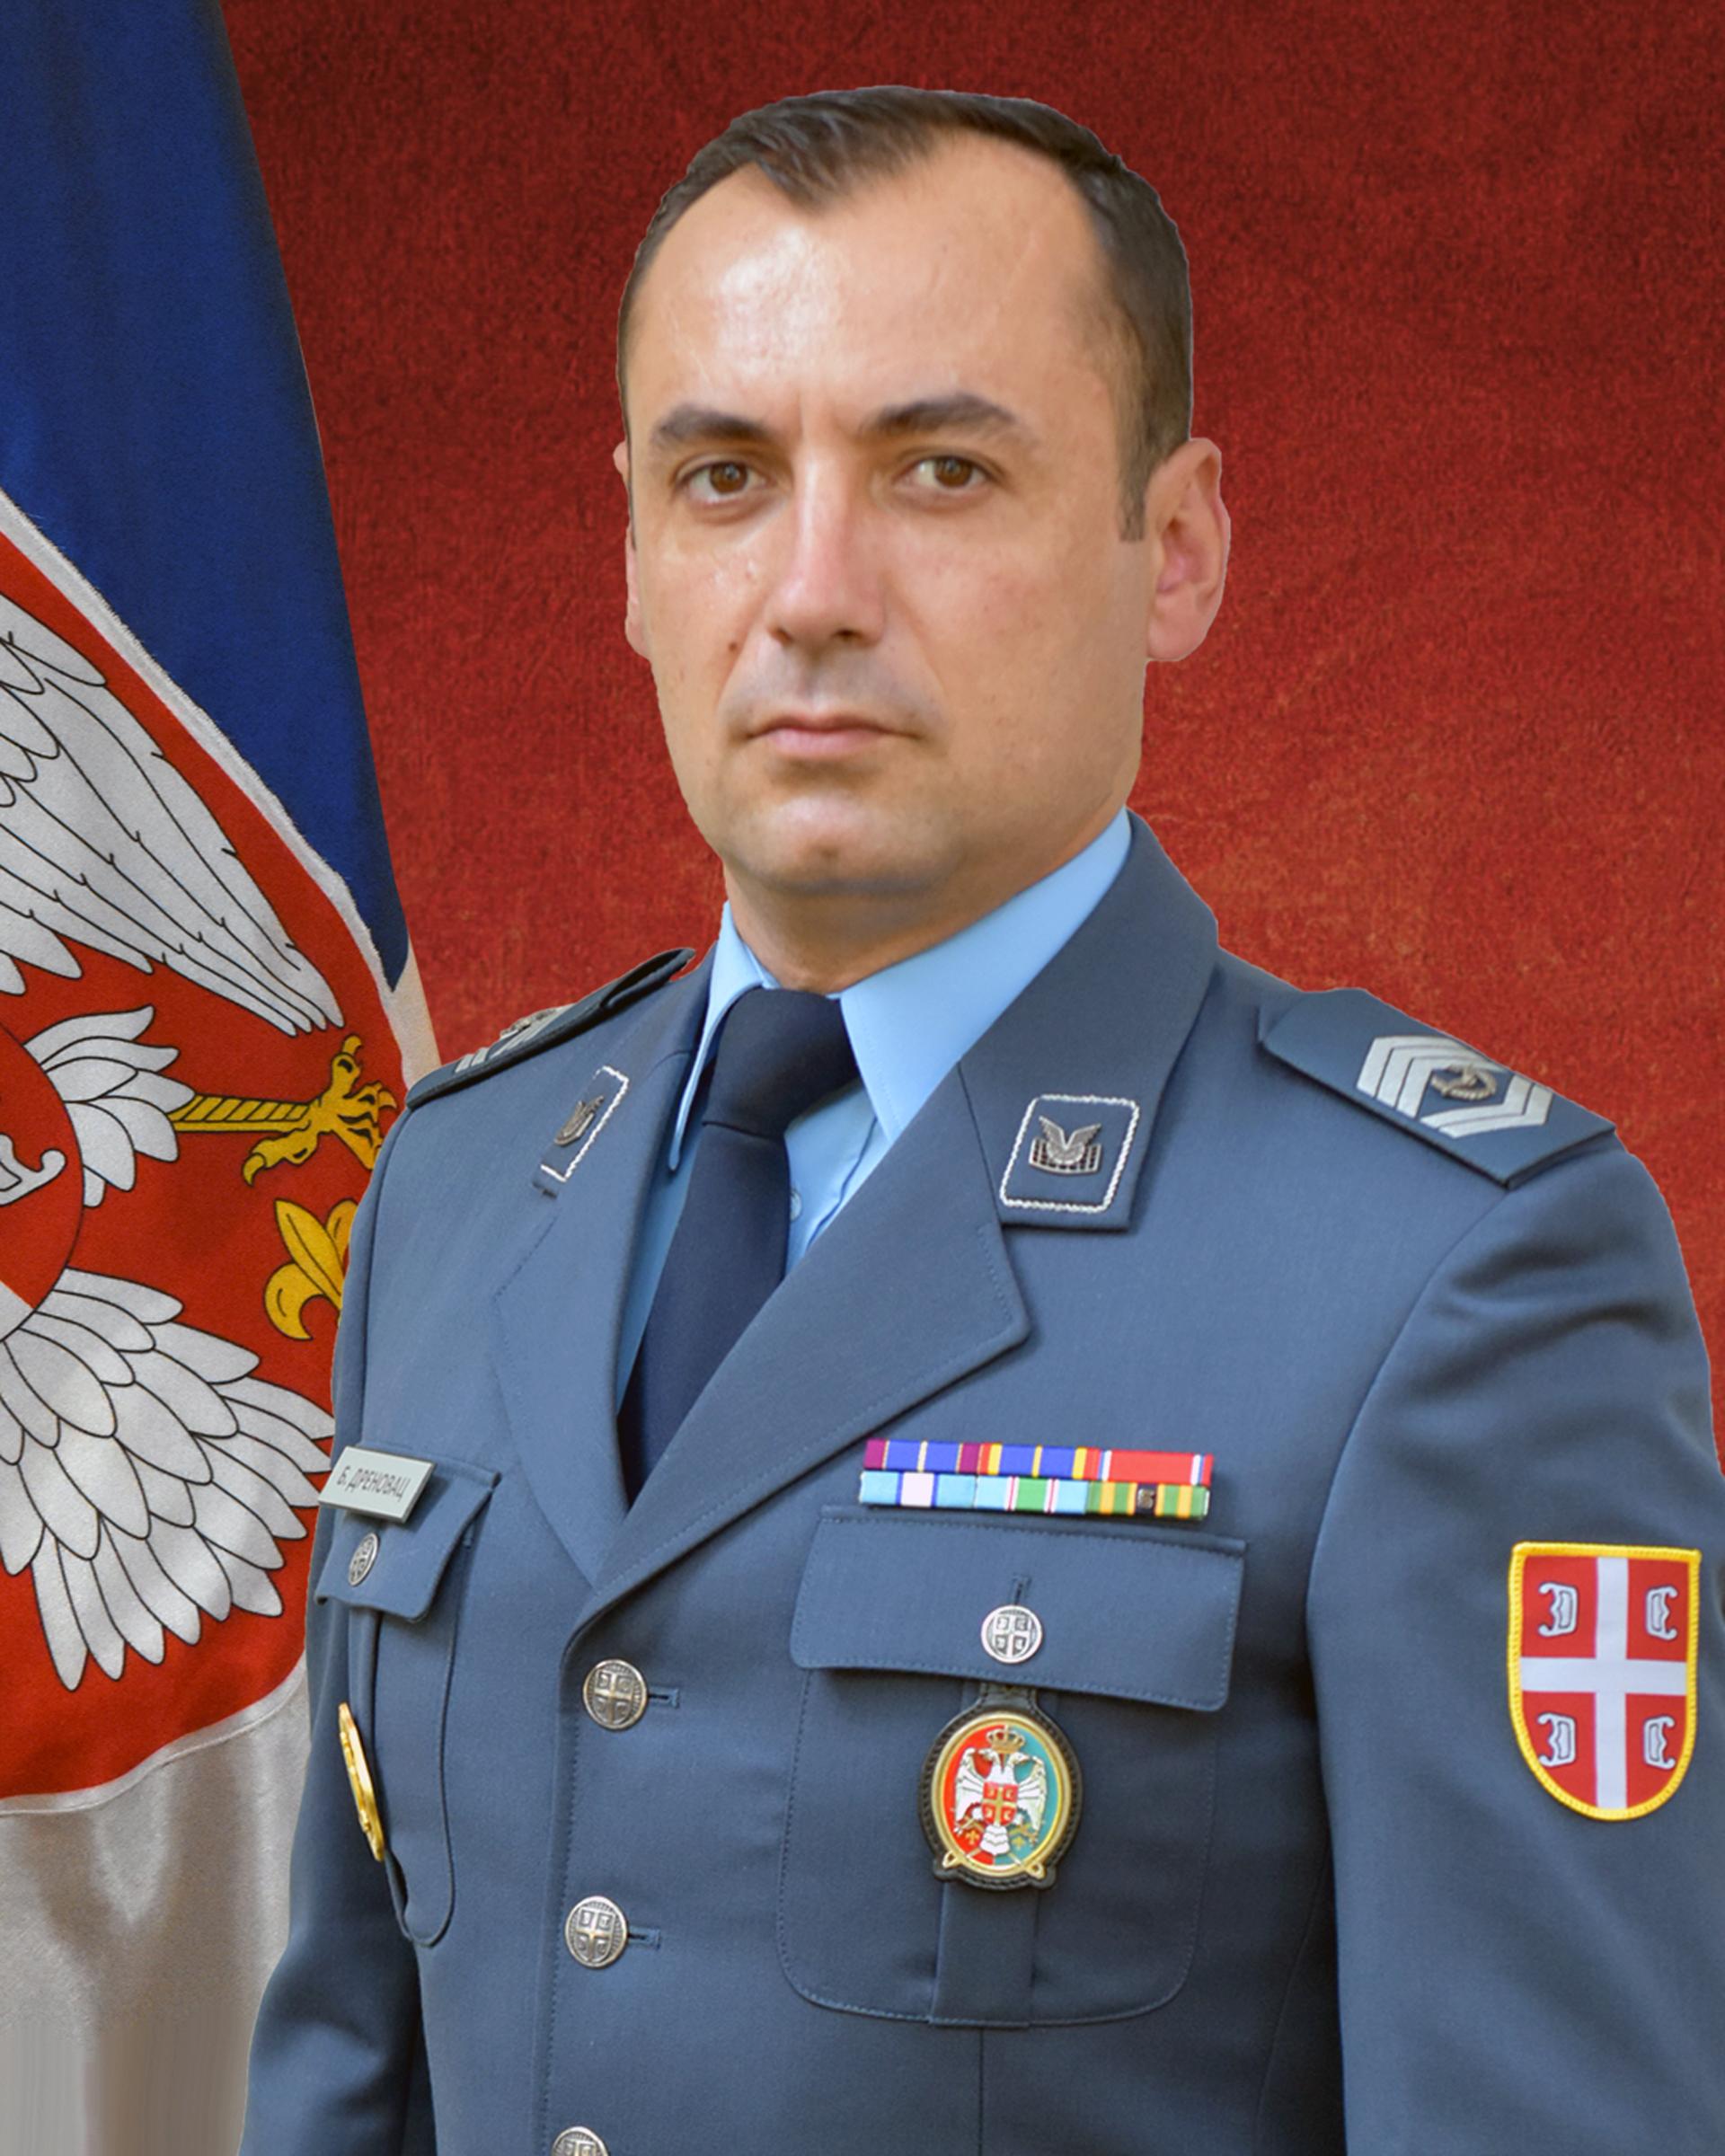 Sergeant Major Nenad Luković